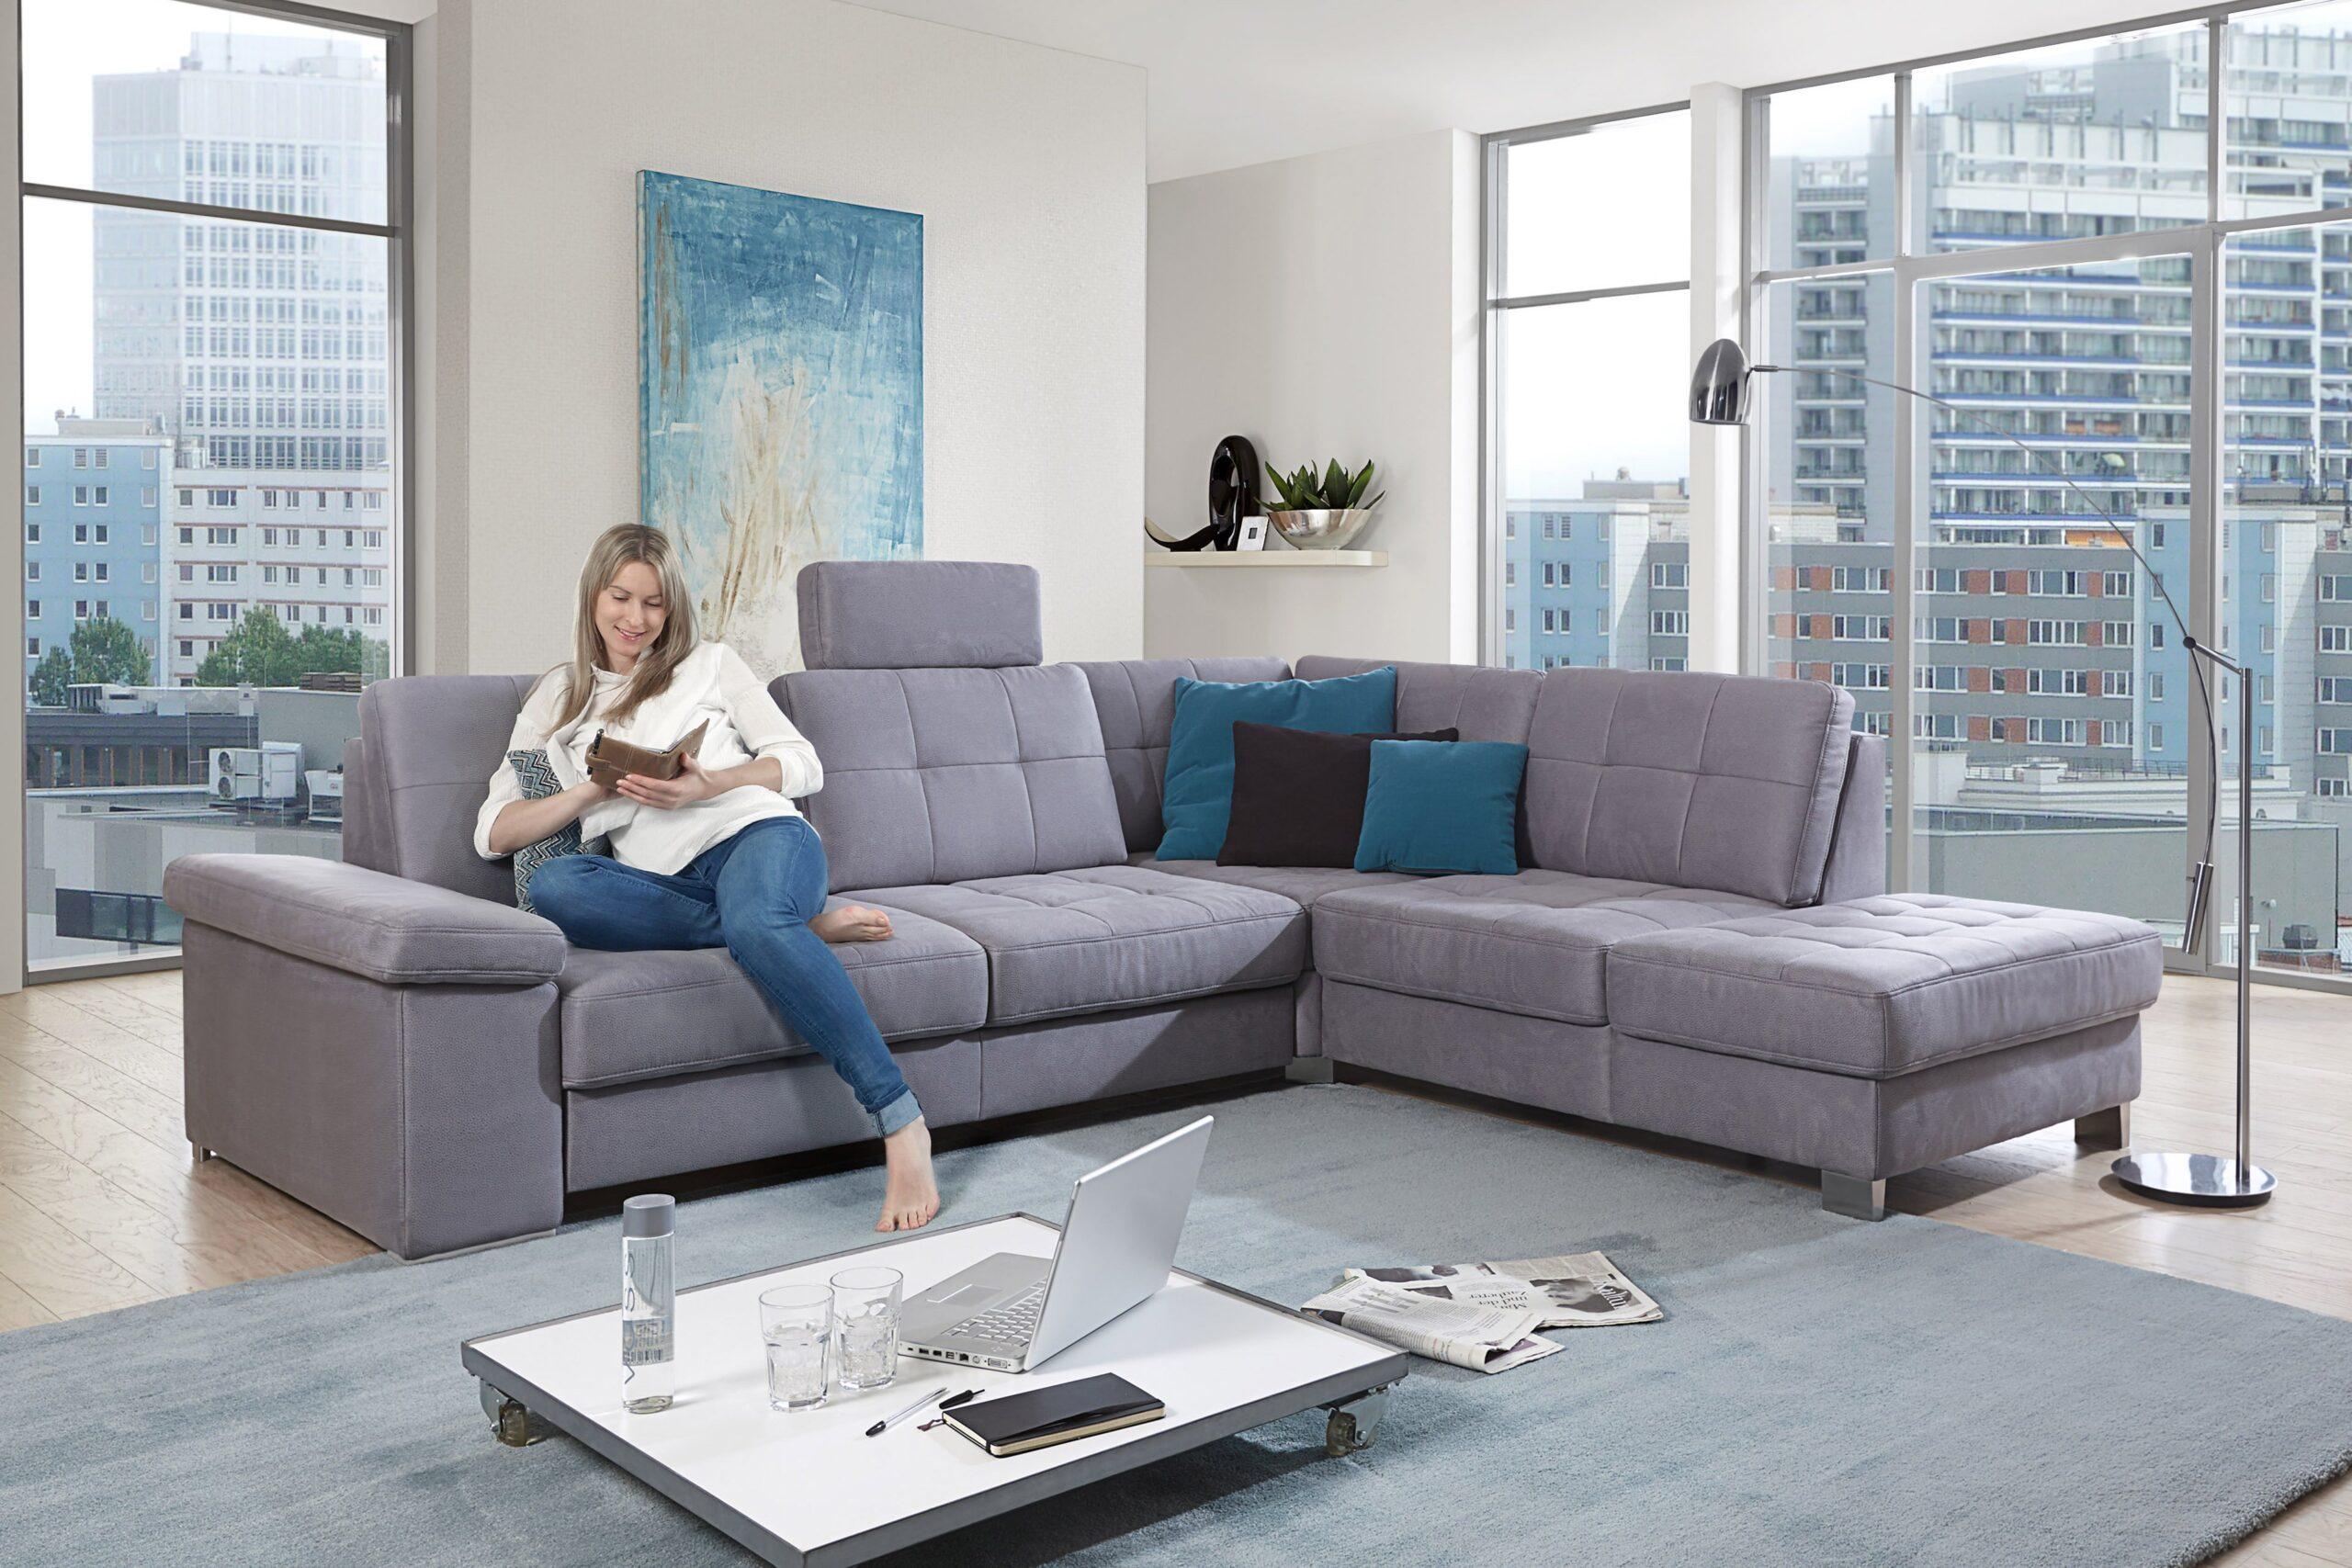 Full Size of Kinderbett Poco Bett 140x200 Big Sofa Schlafzimmer Komplett Betten Küche Wohnzimmer Kinderbett Poco